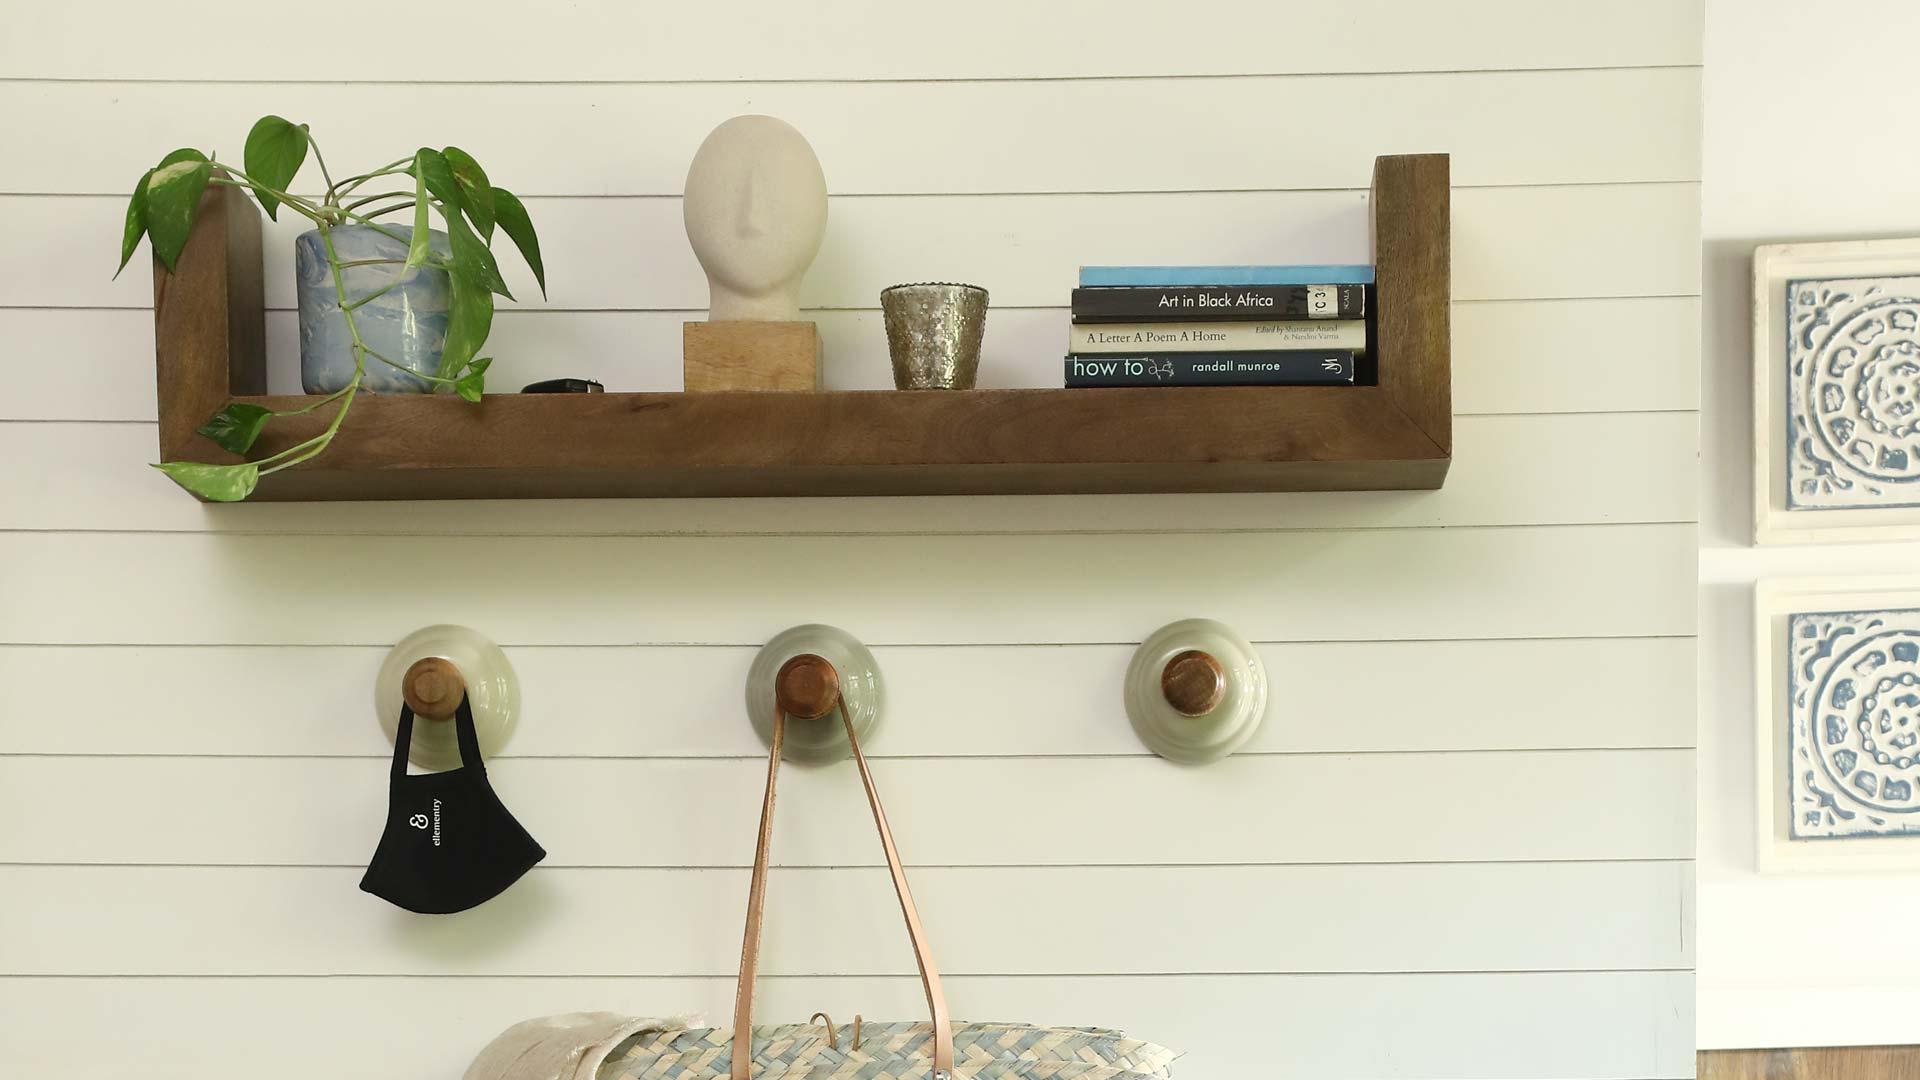 Wall hooks & shelf